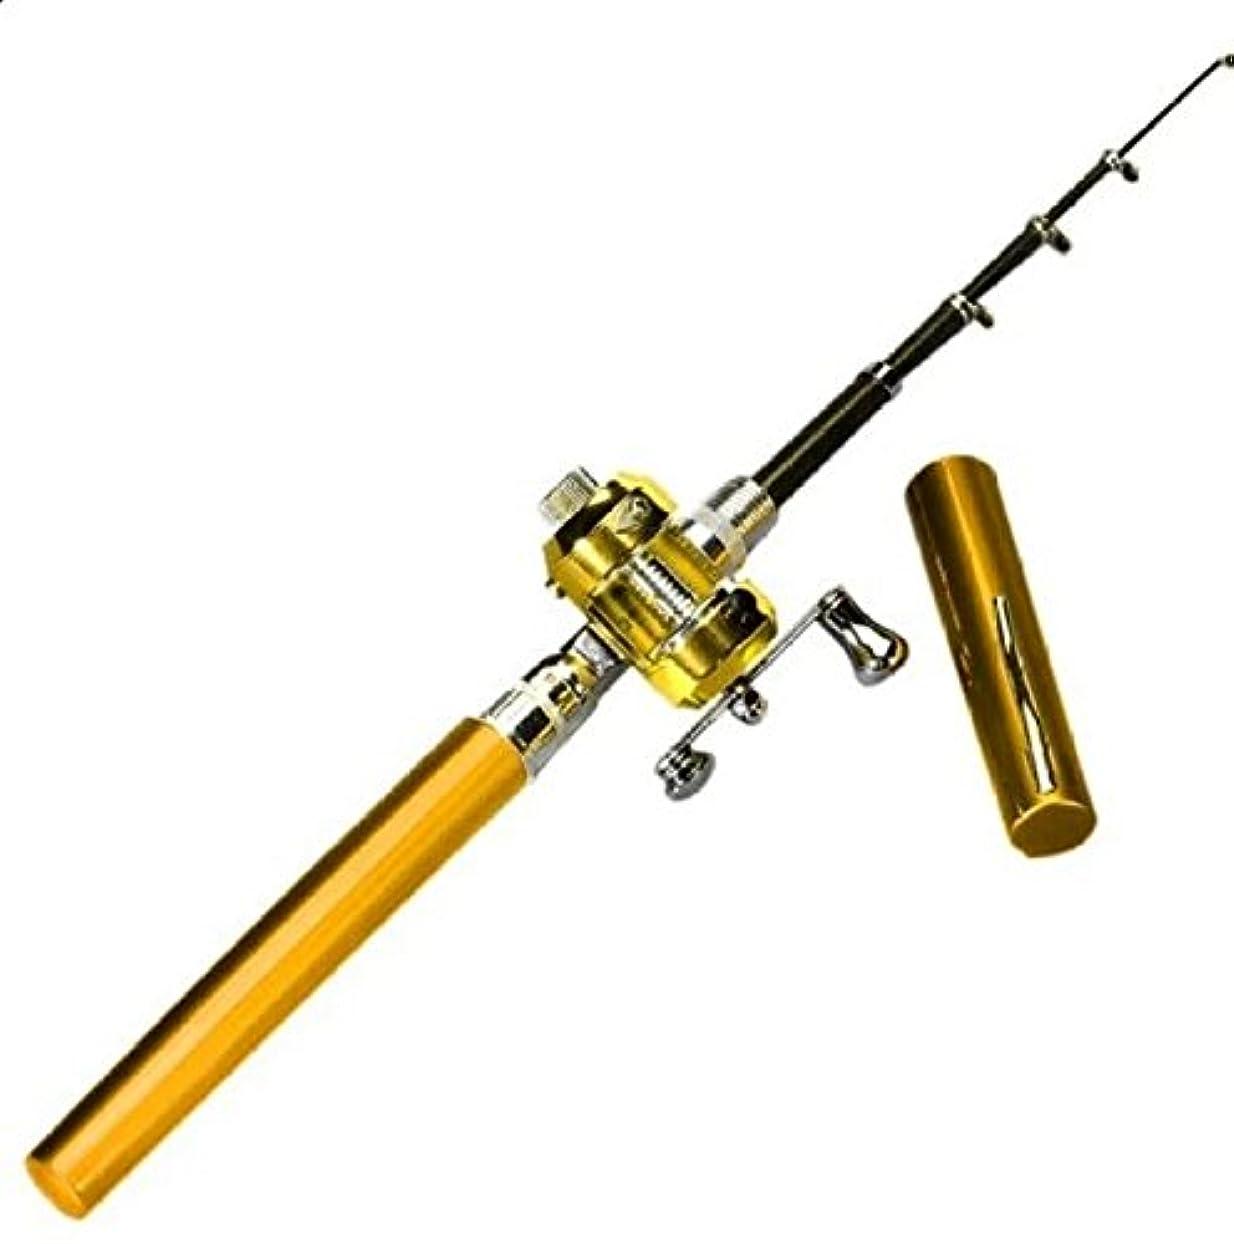 縁クラブ残酷なミニポータブルpocket-size pen-shape合金材質釣りロッドポータブルポケットペン形状アルミ合金釣りロッドポールリール